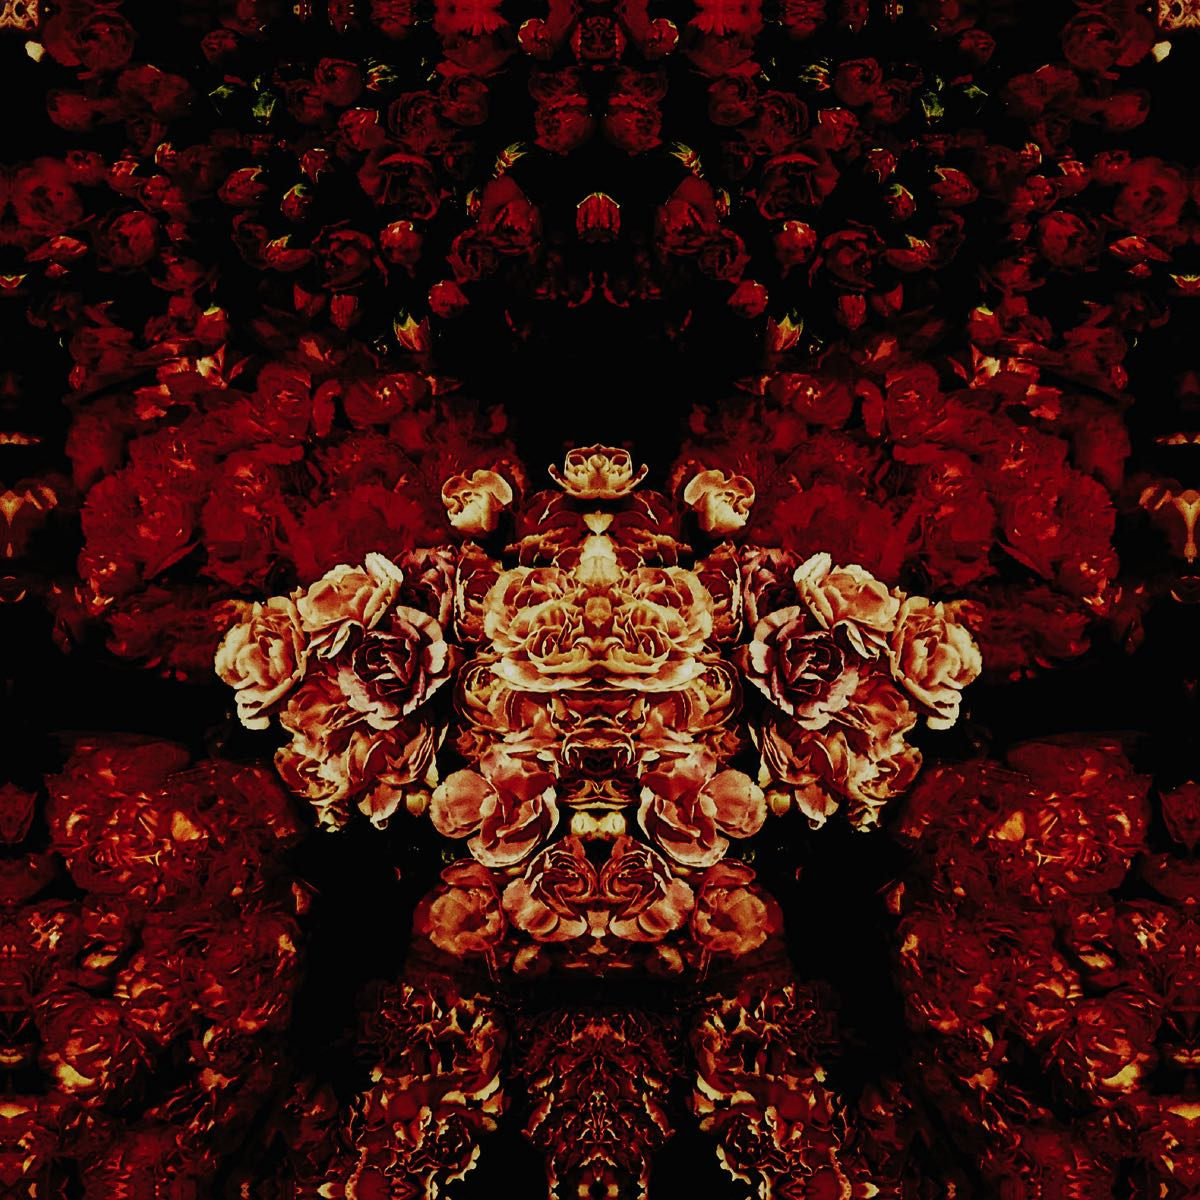 Subconscious - Flower Creatures #9 (40x40)